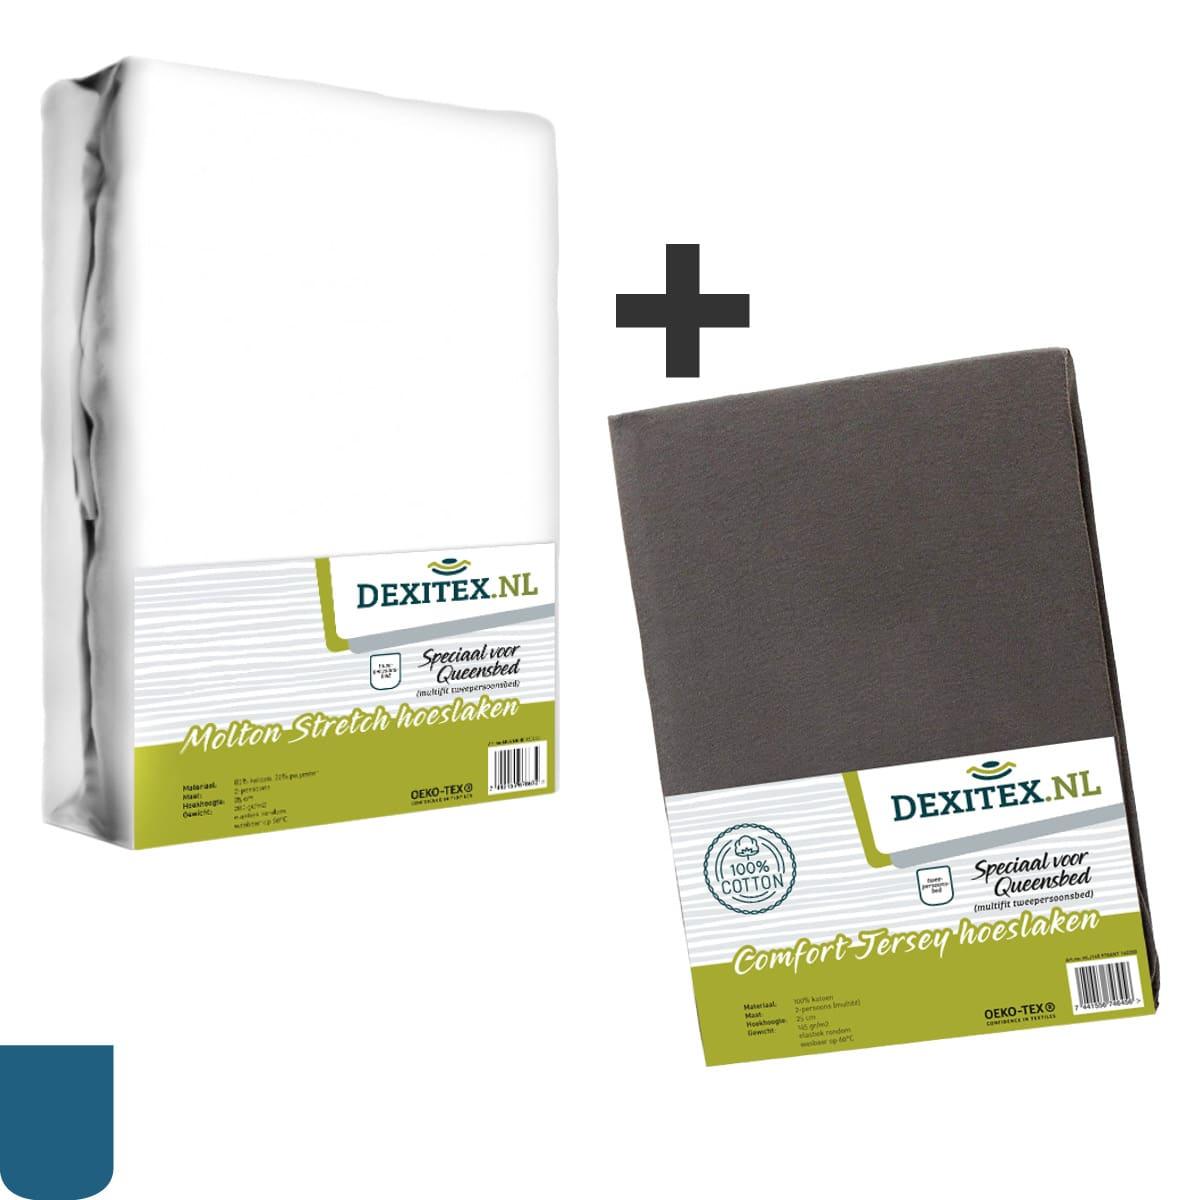 Textielpakket voor een Queensbed - 1x Molton wit + 1 jersey hoeslaken antraciet